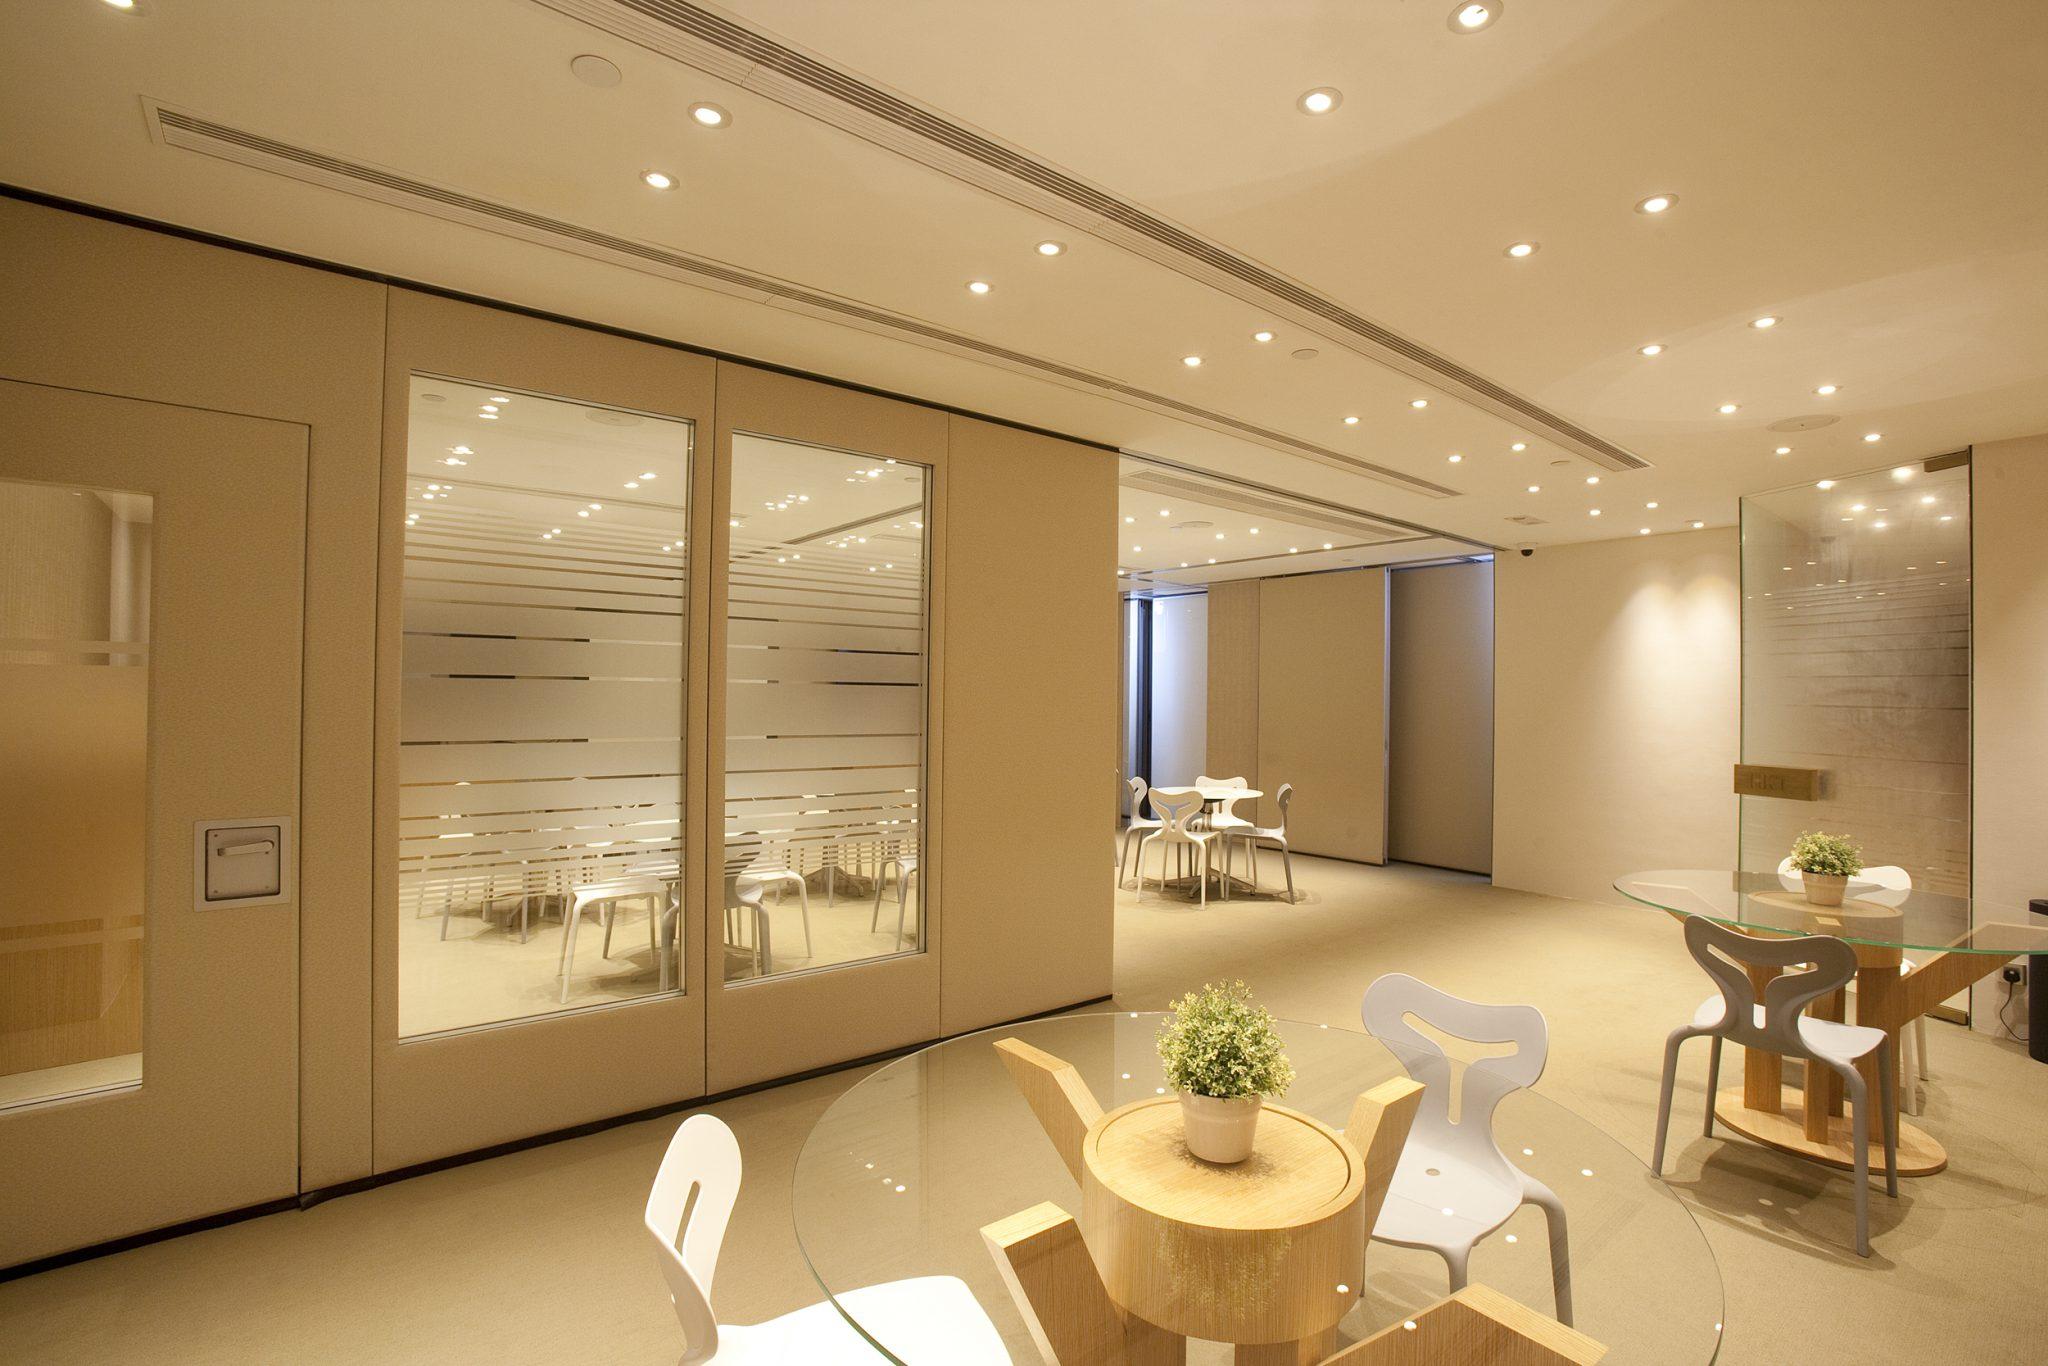 pccw hkt showcase clifton leung design workshop. Black Bedroom Furniture Sets. Home Design Ideas